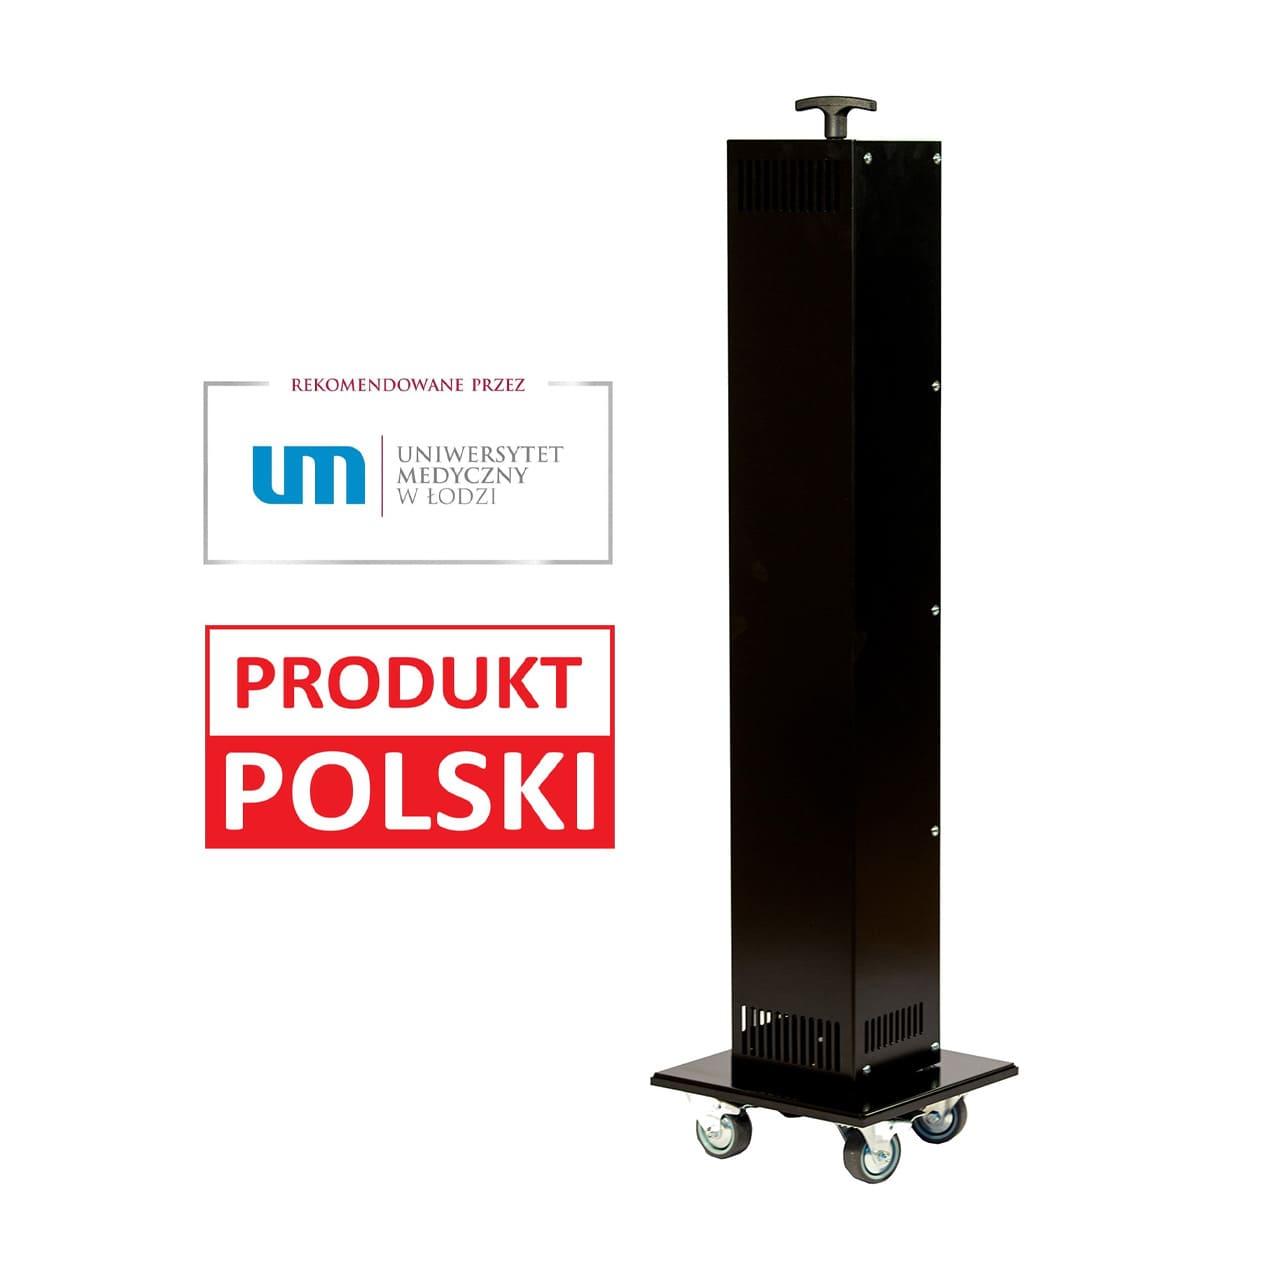 Lampa UV-C wirusobójcza BW95 – Produkt Polski